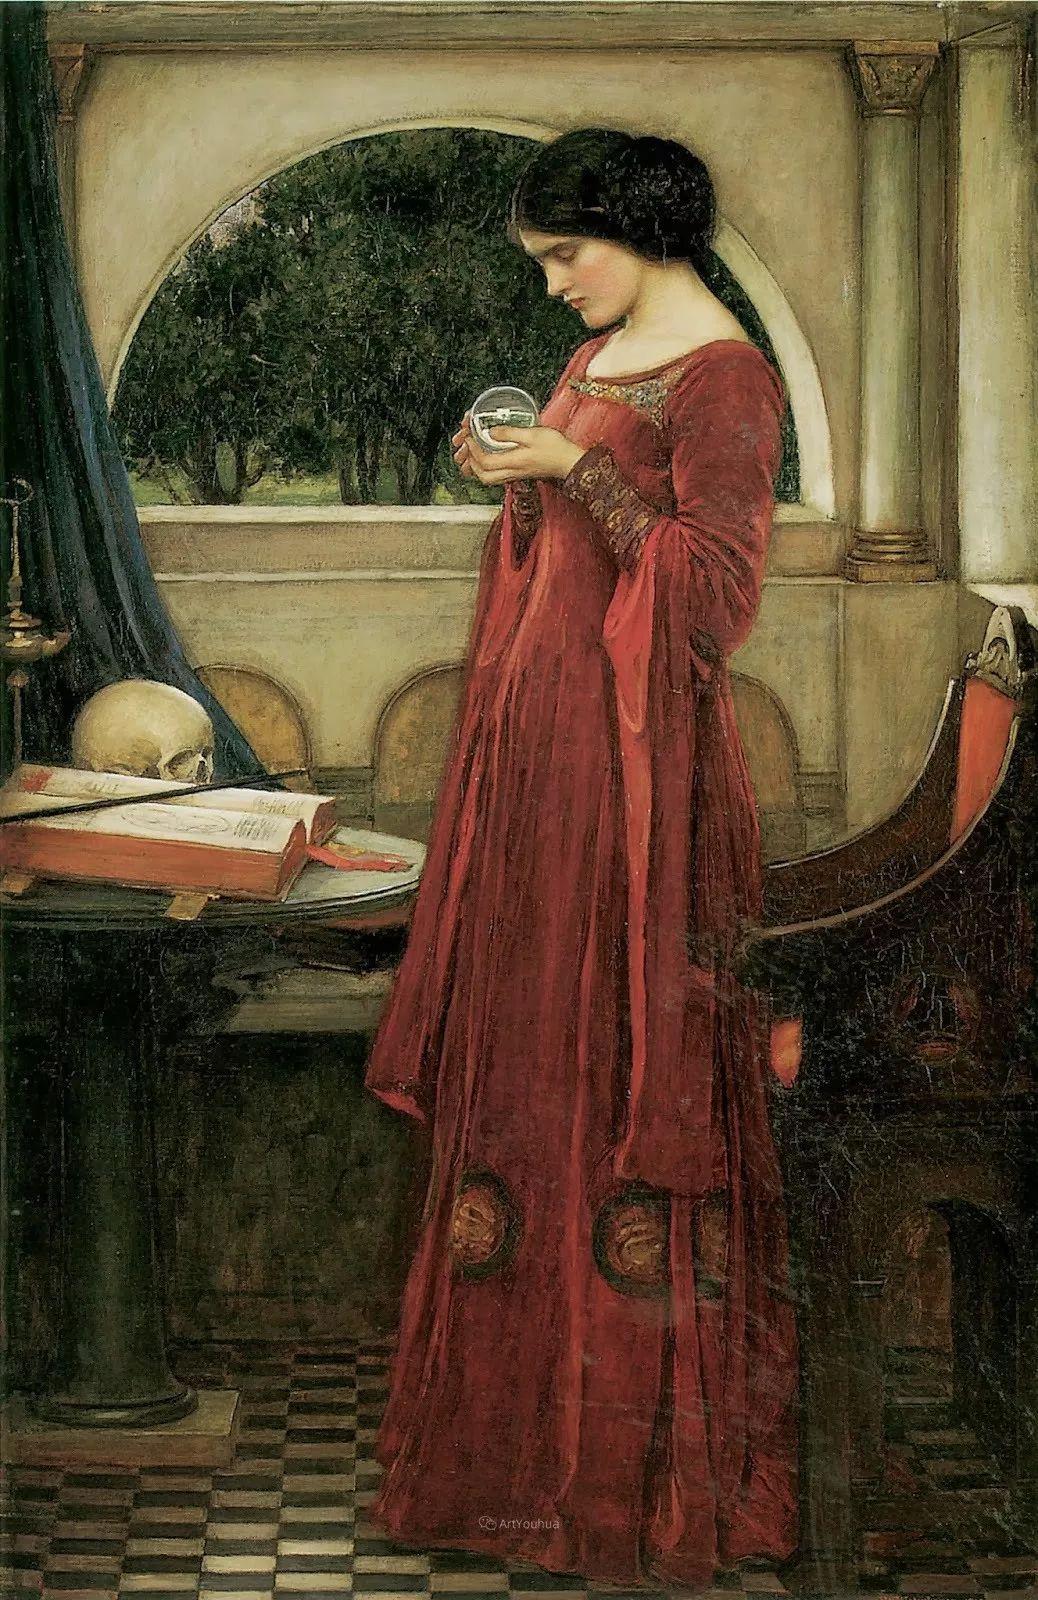 美若天仙的唯美诗性 ,英国皇家美术学院院士约翰·威廉姆·沃特豪斯插图17